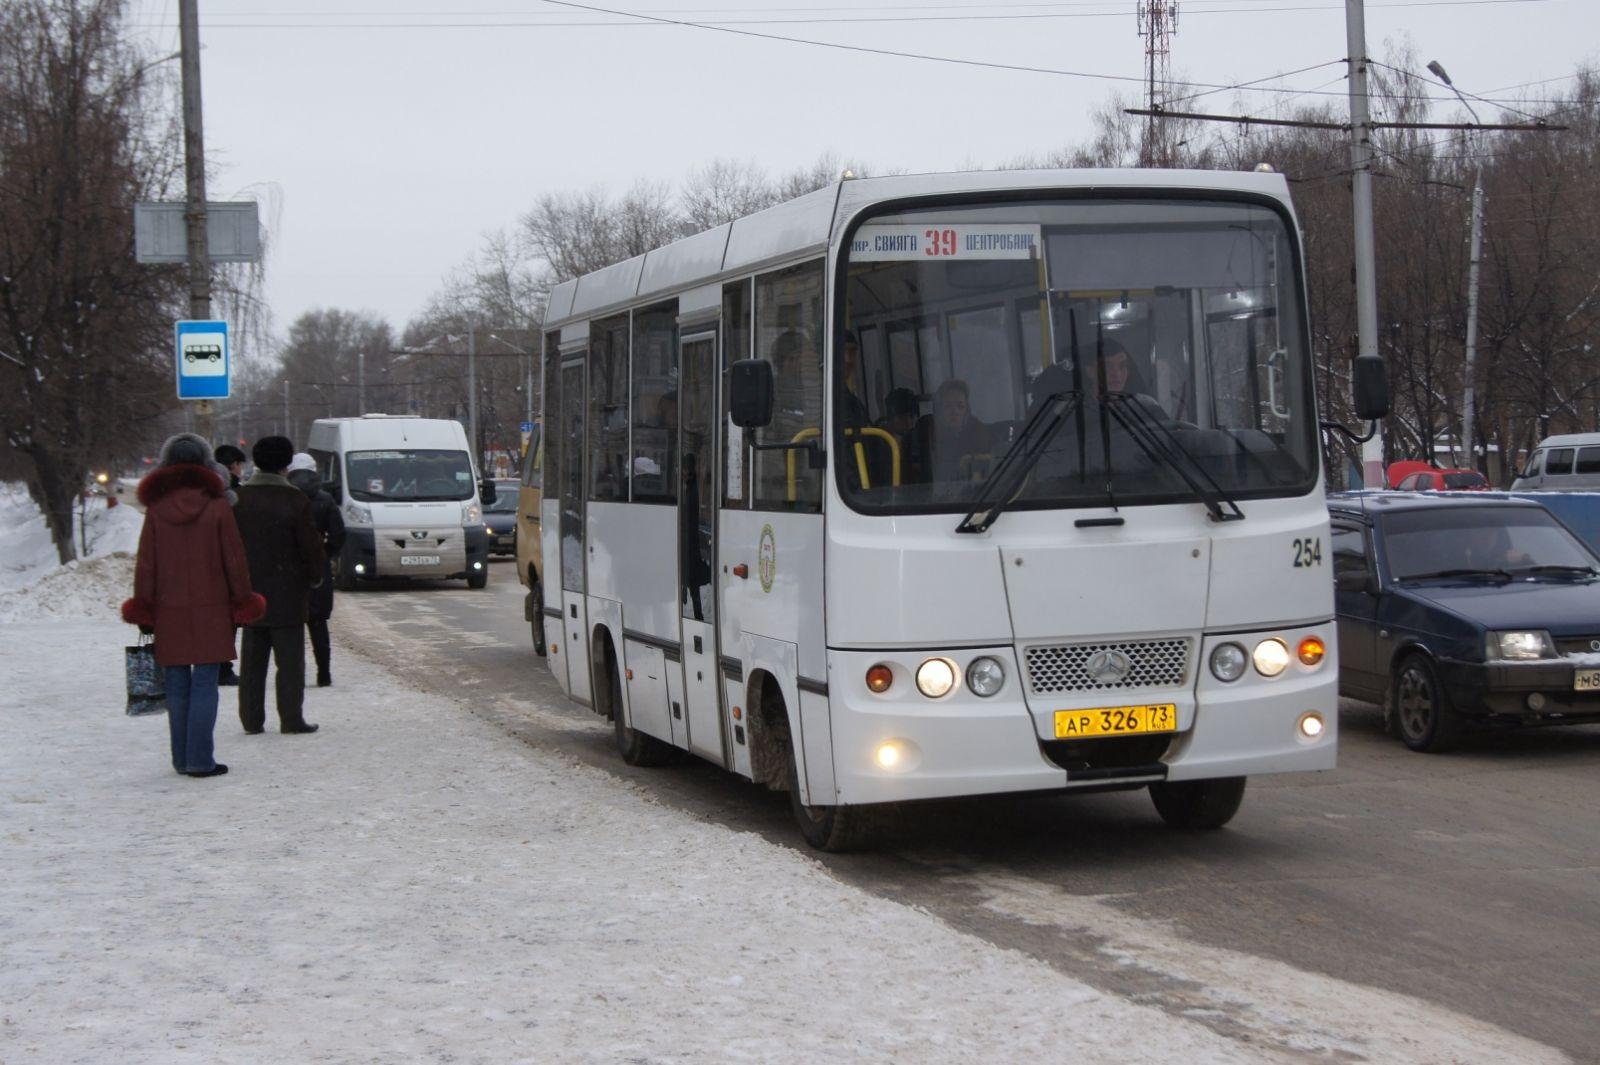 Проезд в Ульяновске подорожает с 10 апреля